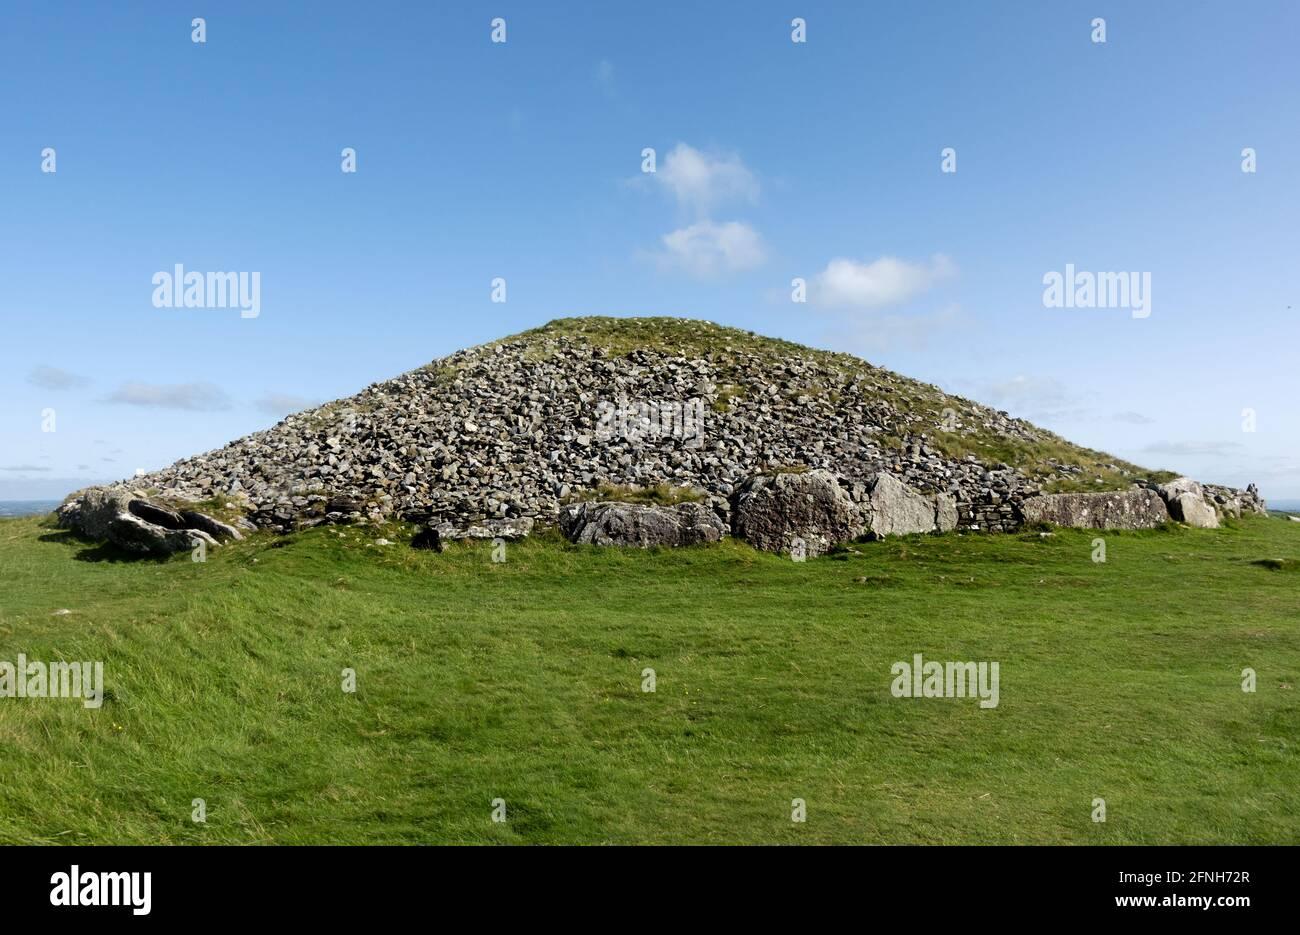 Loughcrews Ancient Passage Tombs, Co Meath, Irlanda, el cairn es conocido localmente como la Cueva de las Brujas Foto de stock